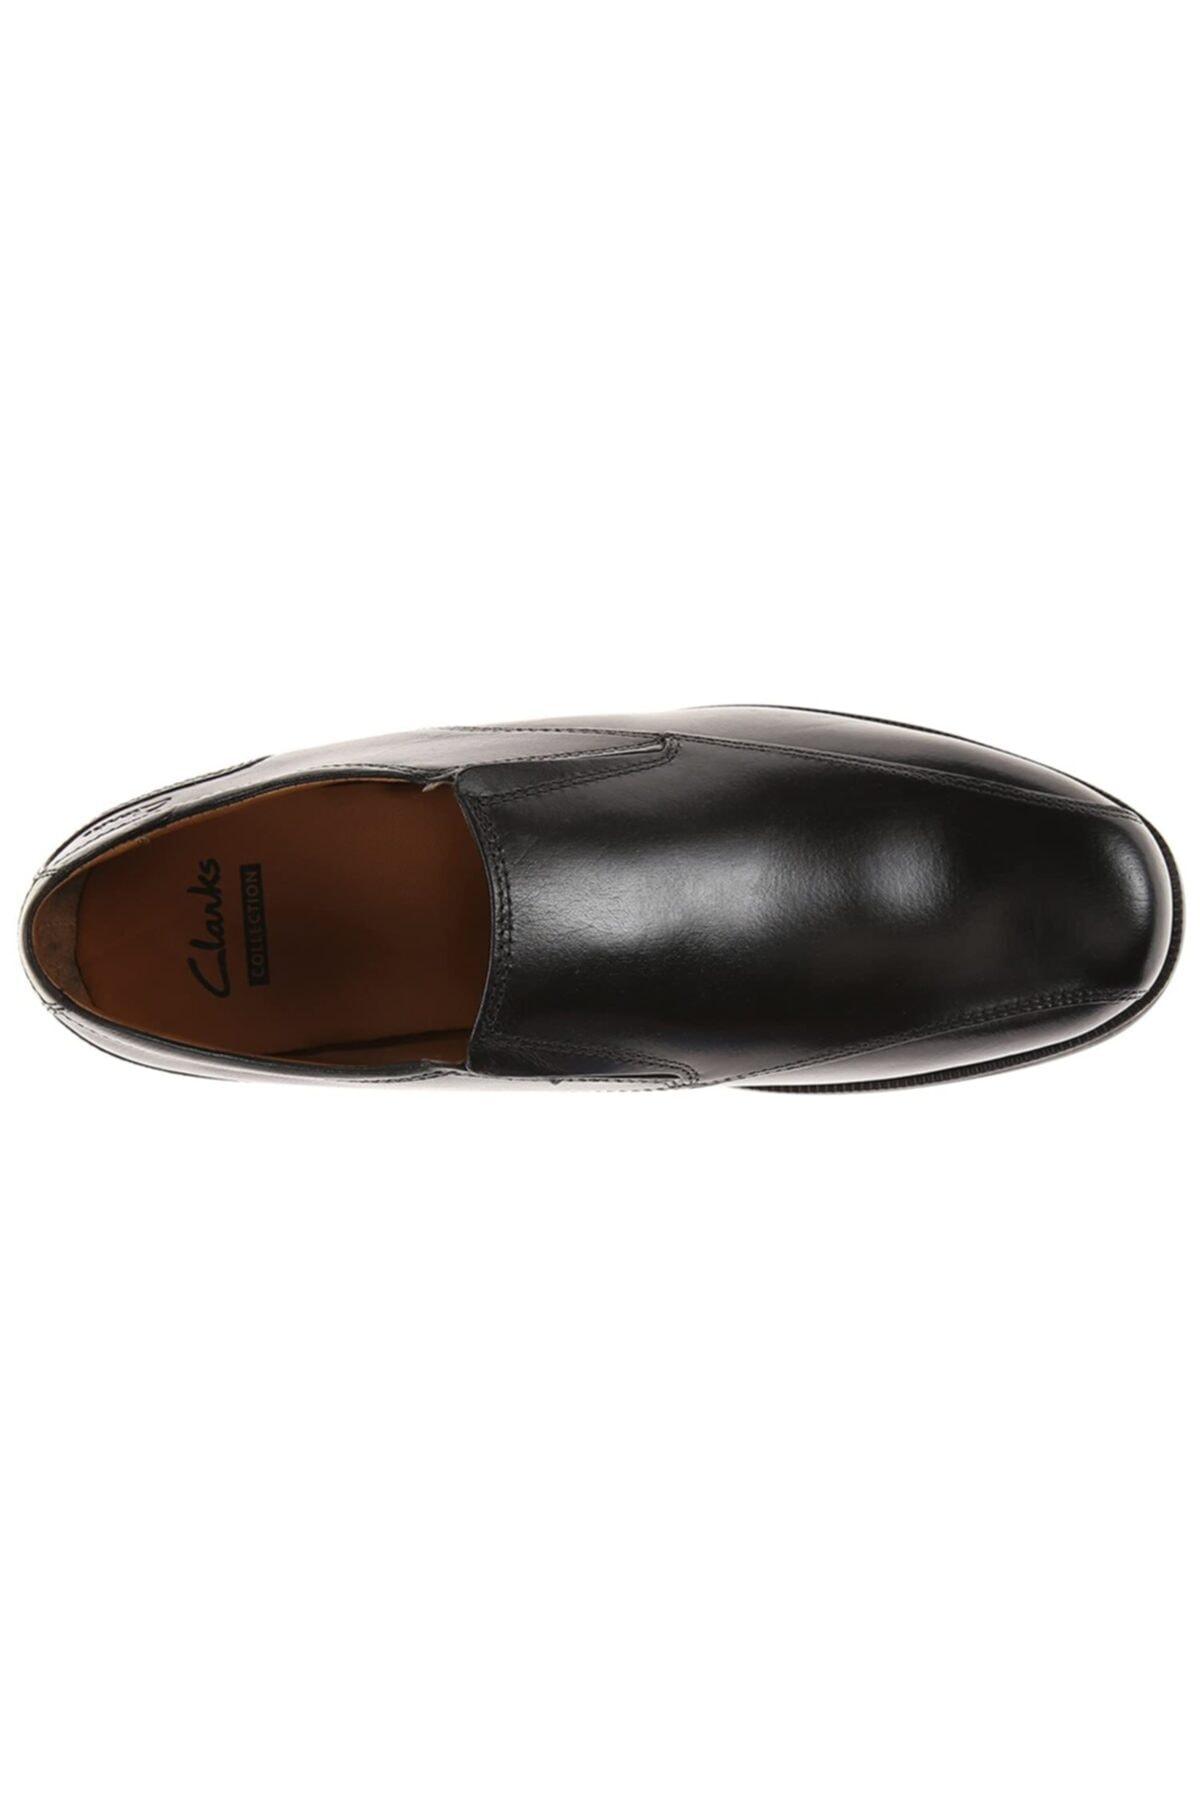 CLARKS Bağcıksız Erkek Ayakkabı Yumuşak Deri Iç Astar Ve Yastıklı Ortholite Tabanlık Beeston Step 2